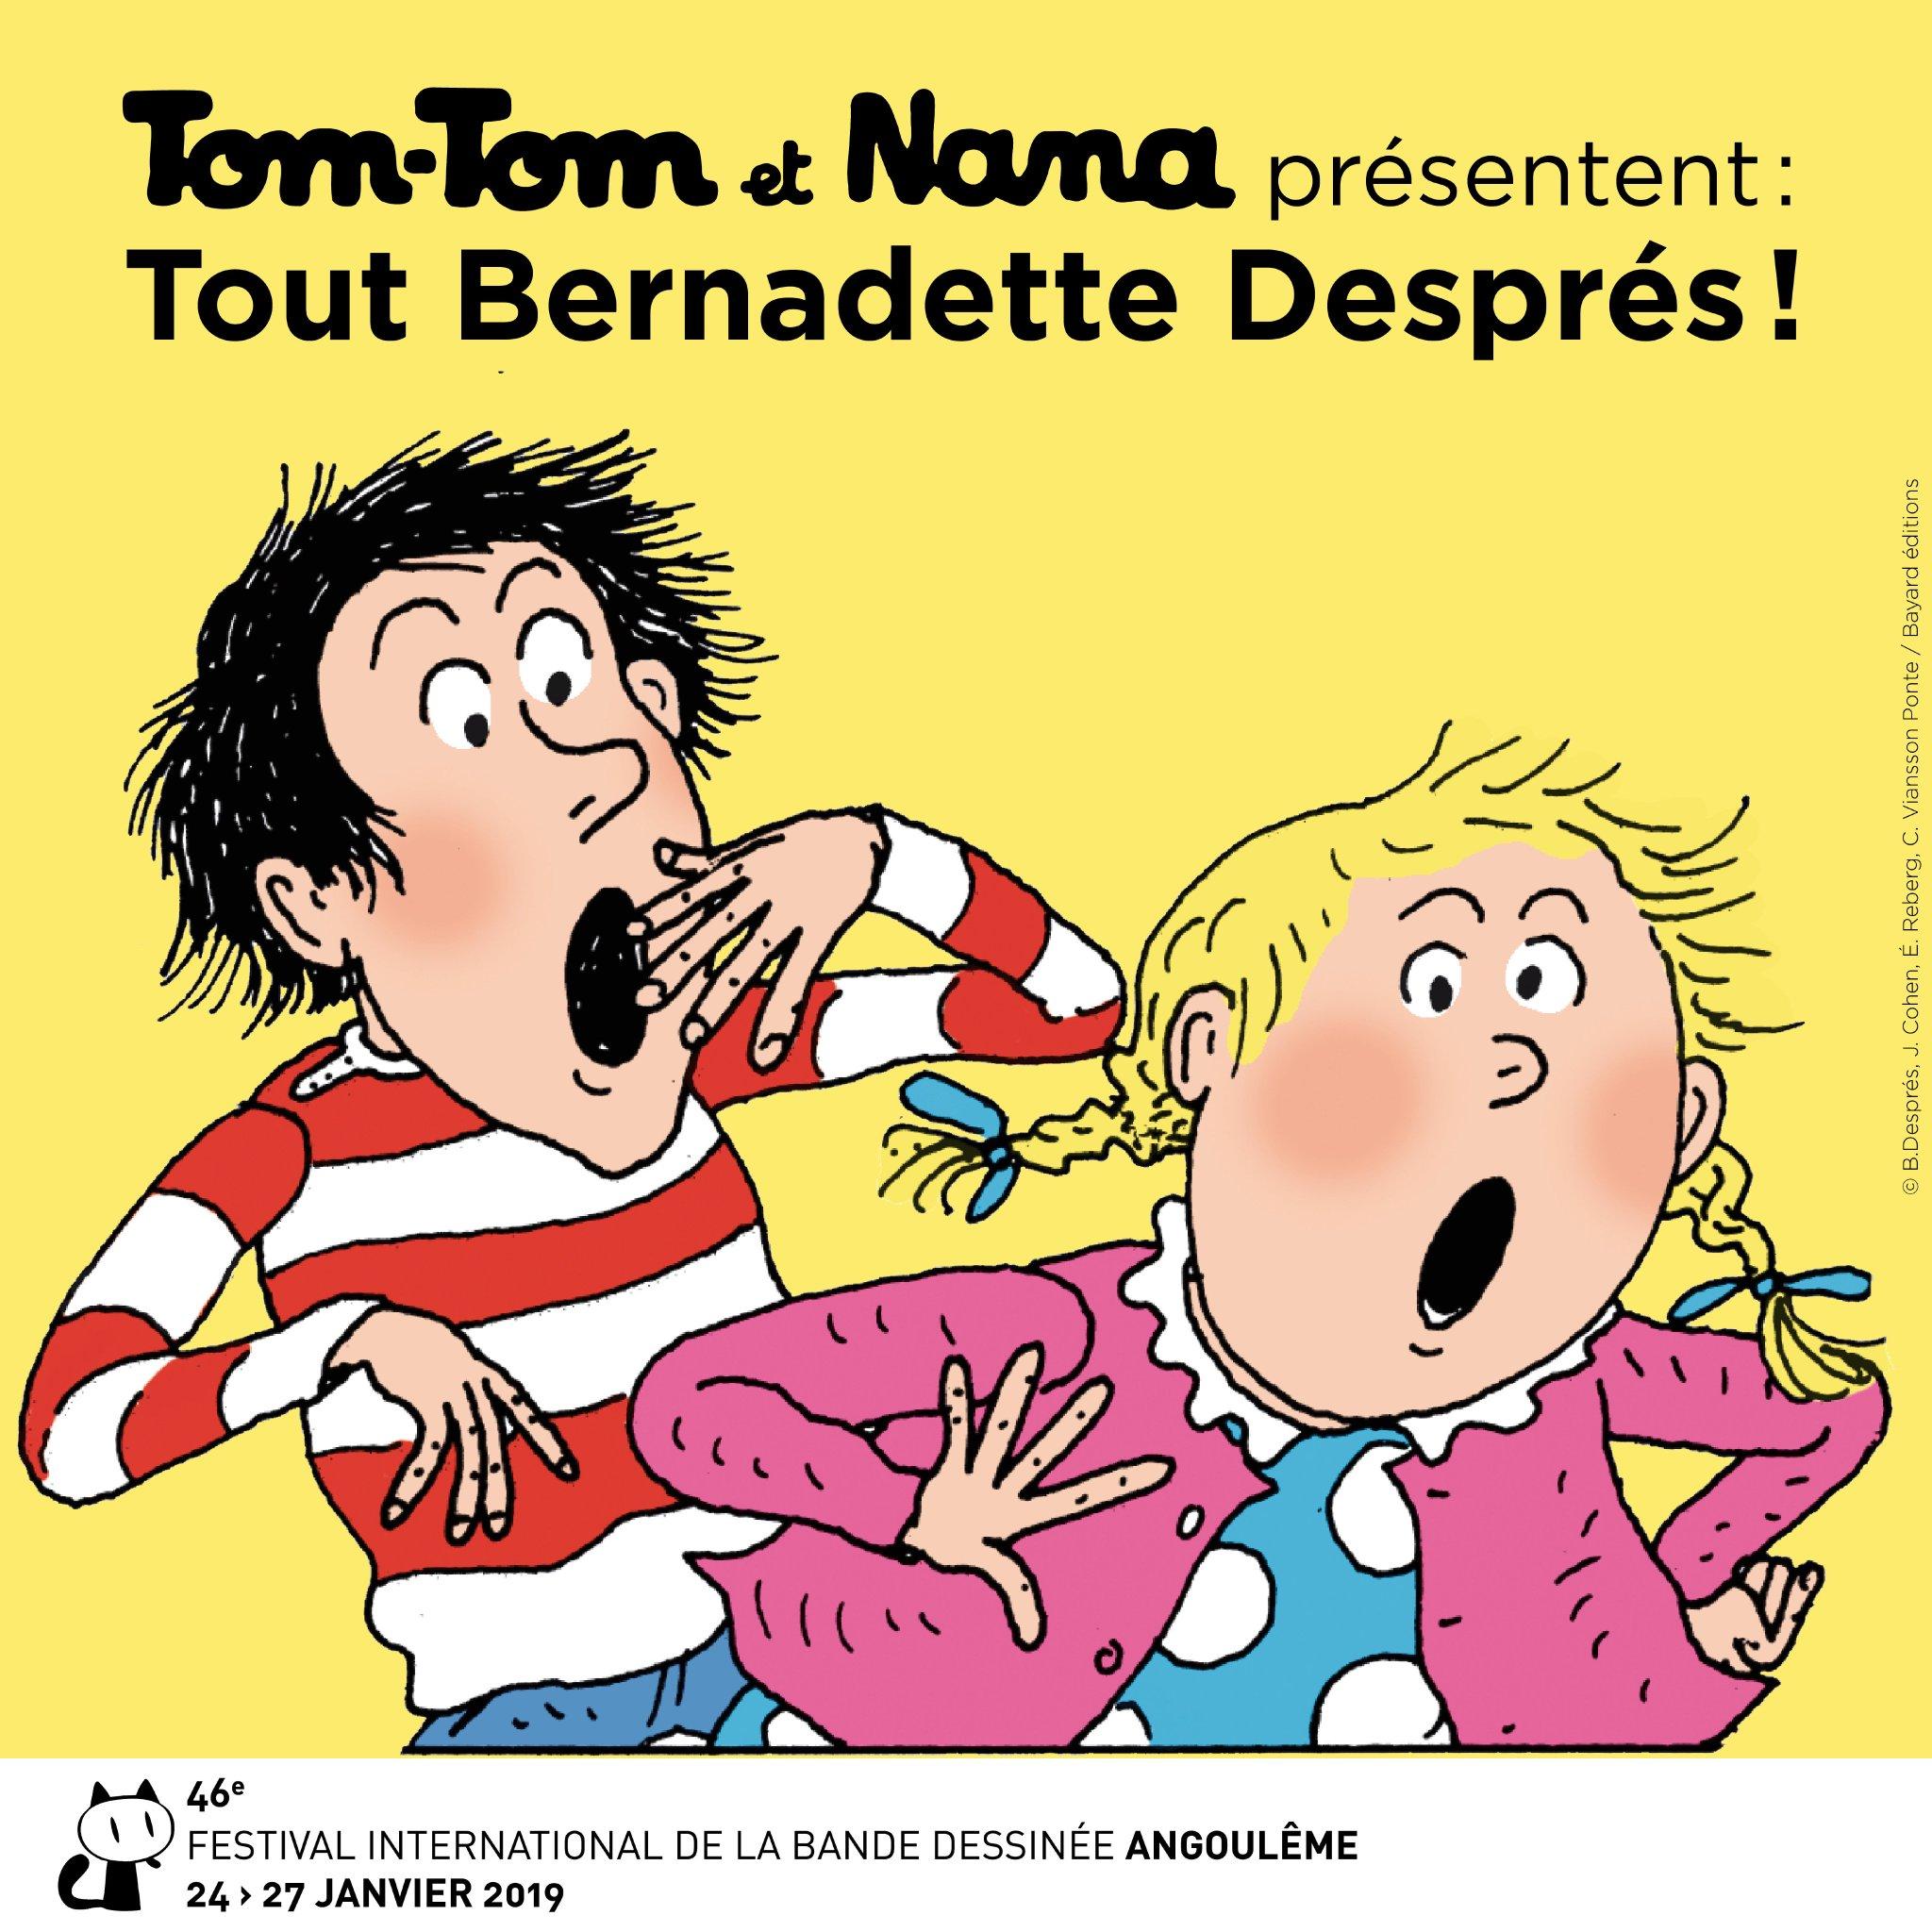 Tom-Tom et Nana présentent : Tout Bernadette Després !